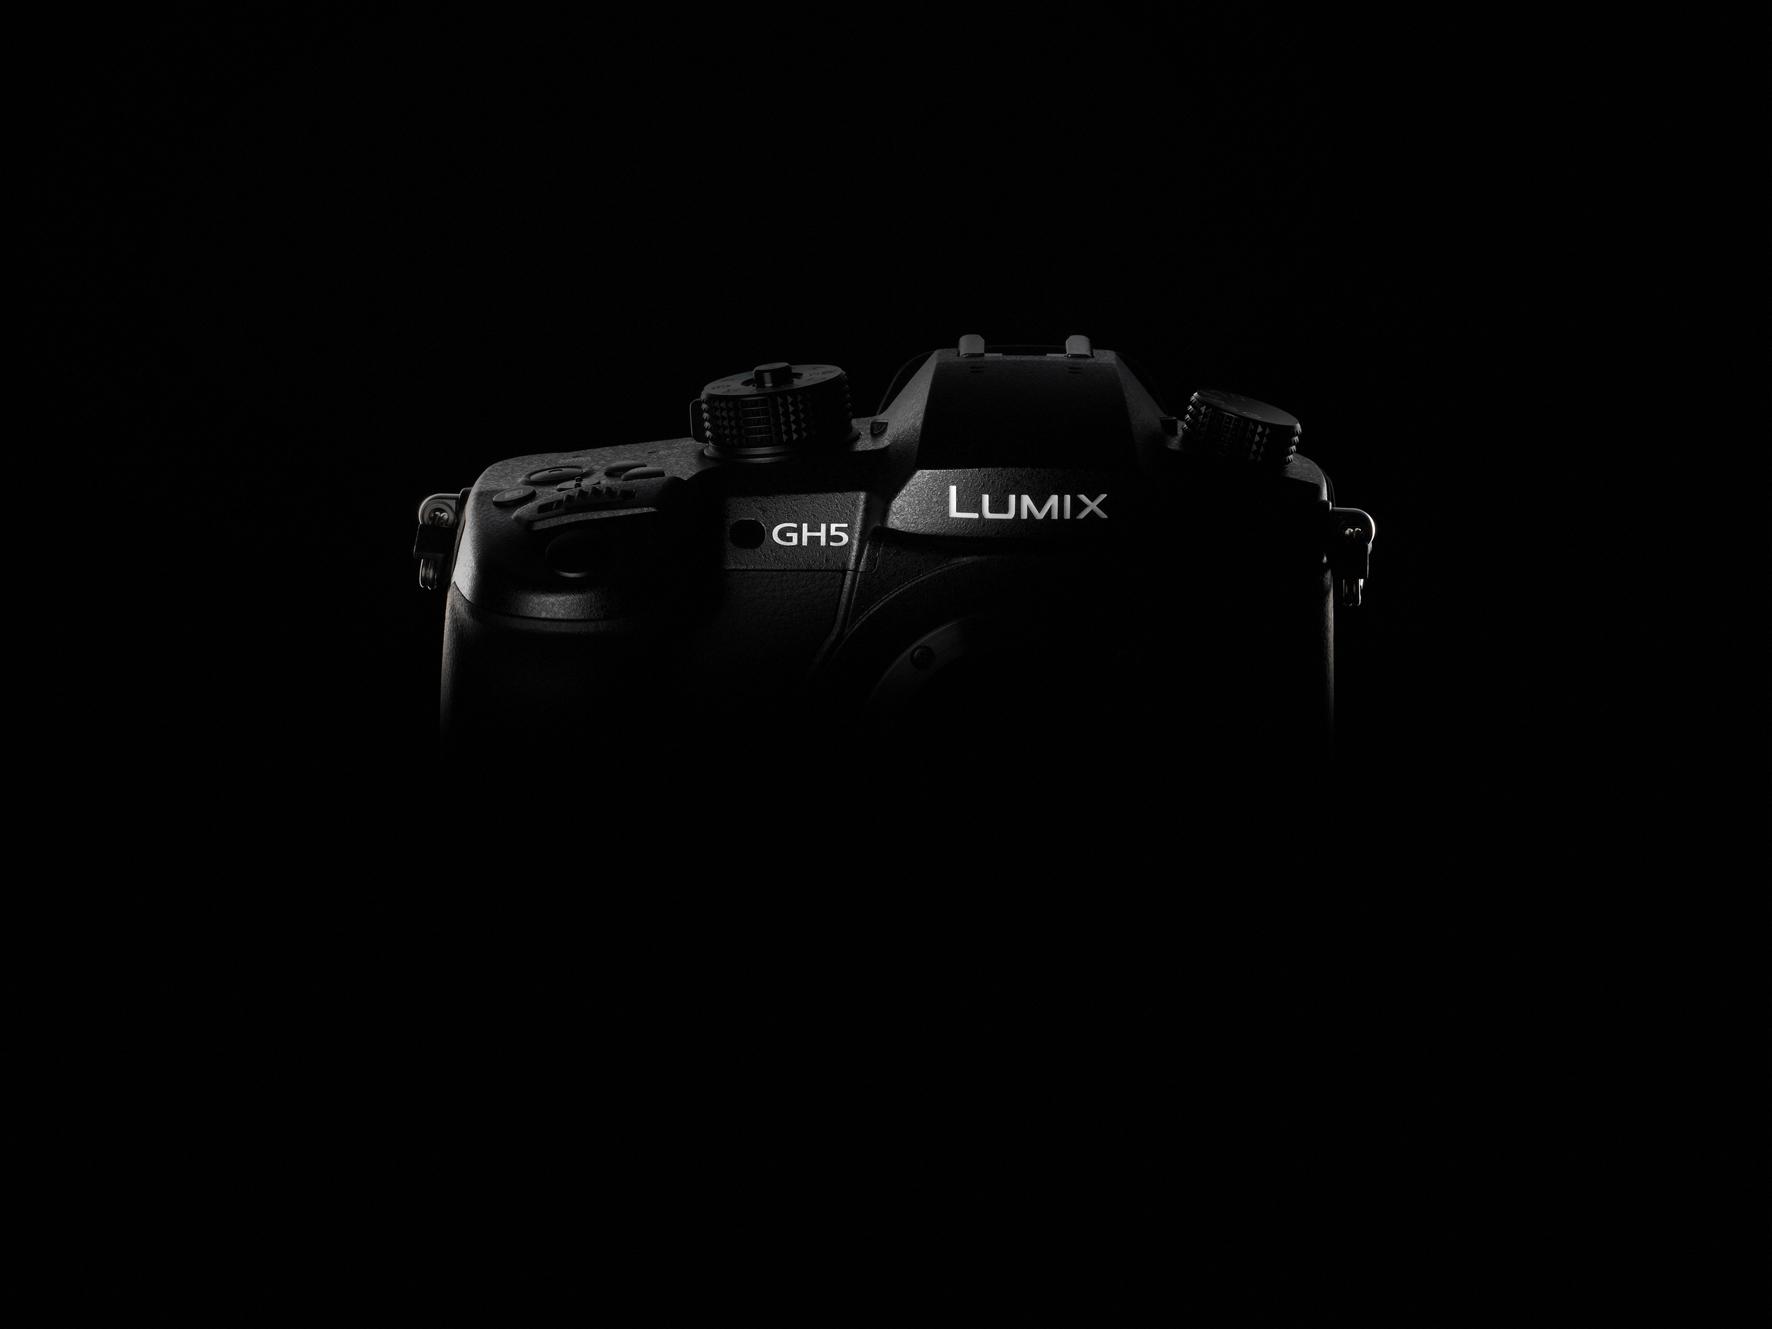 Ven a probar la Lumix GH5 en nuestros talleres